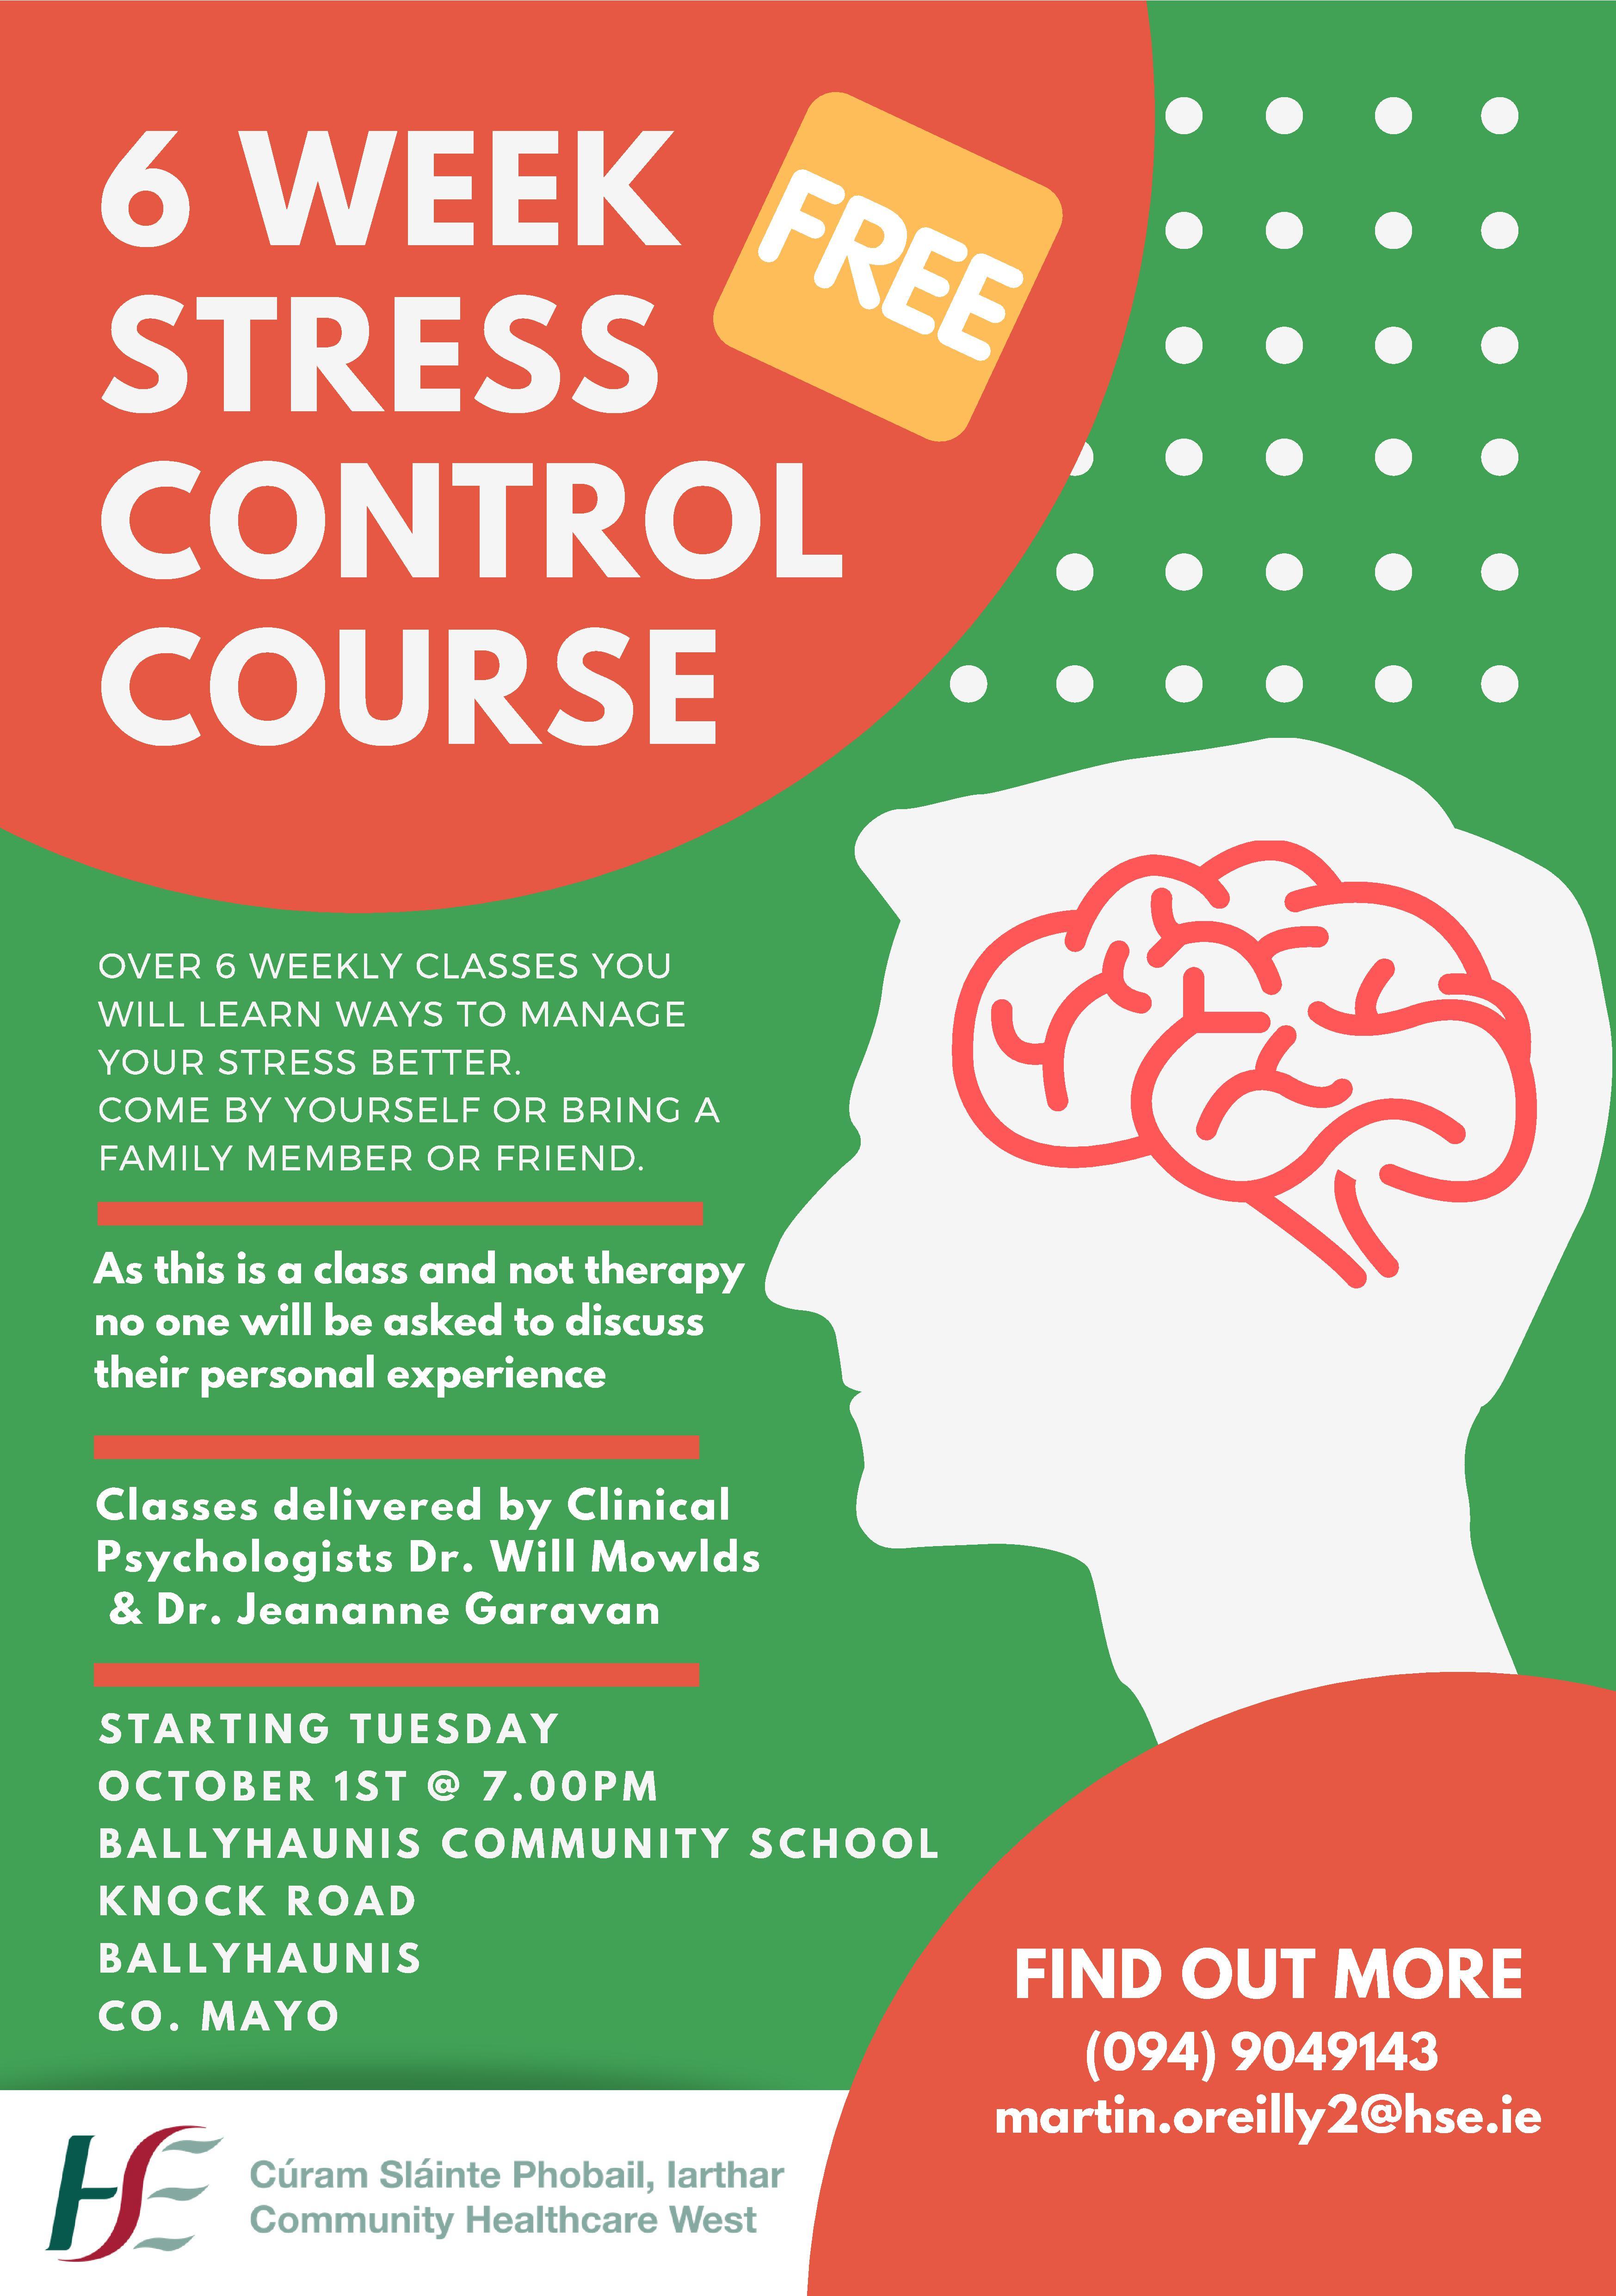 Poster for Ballyhaunis Stress control course